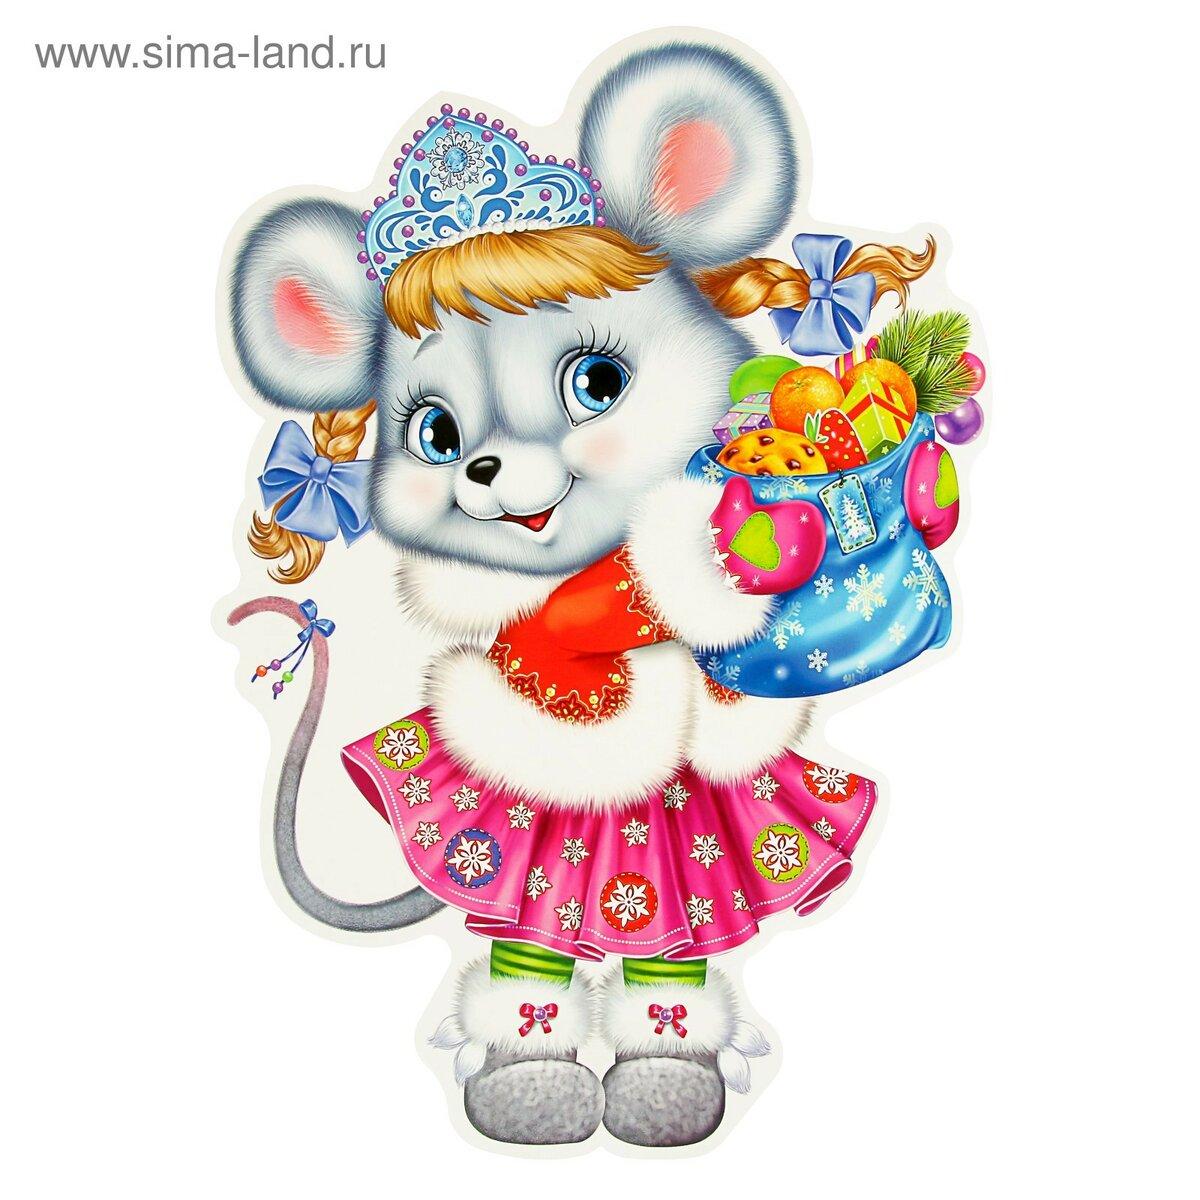 красивые картинки с мышкой символом года нашем